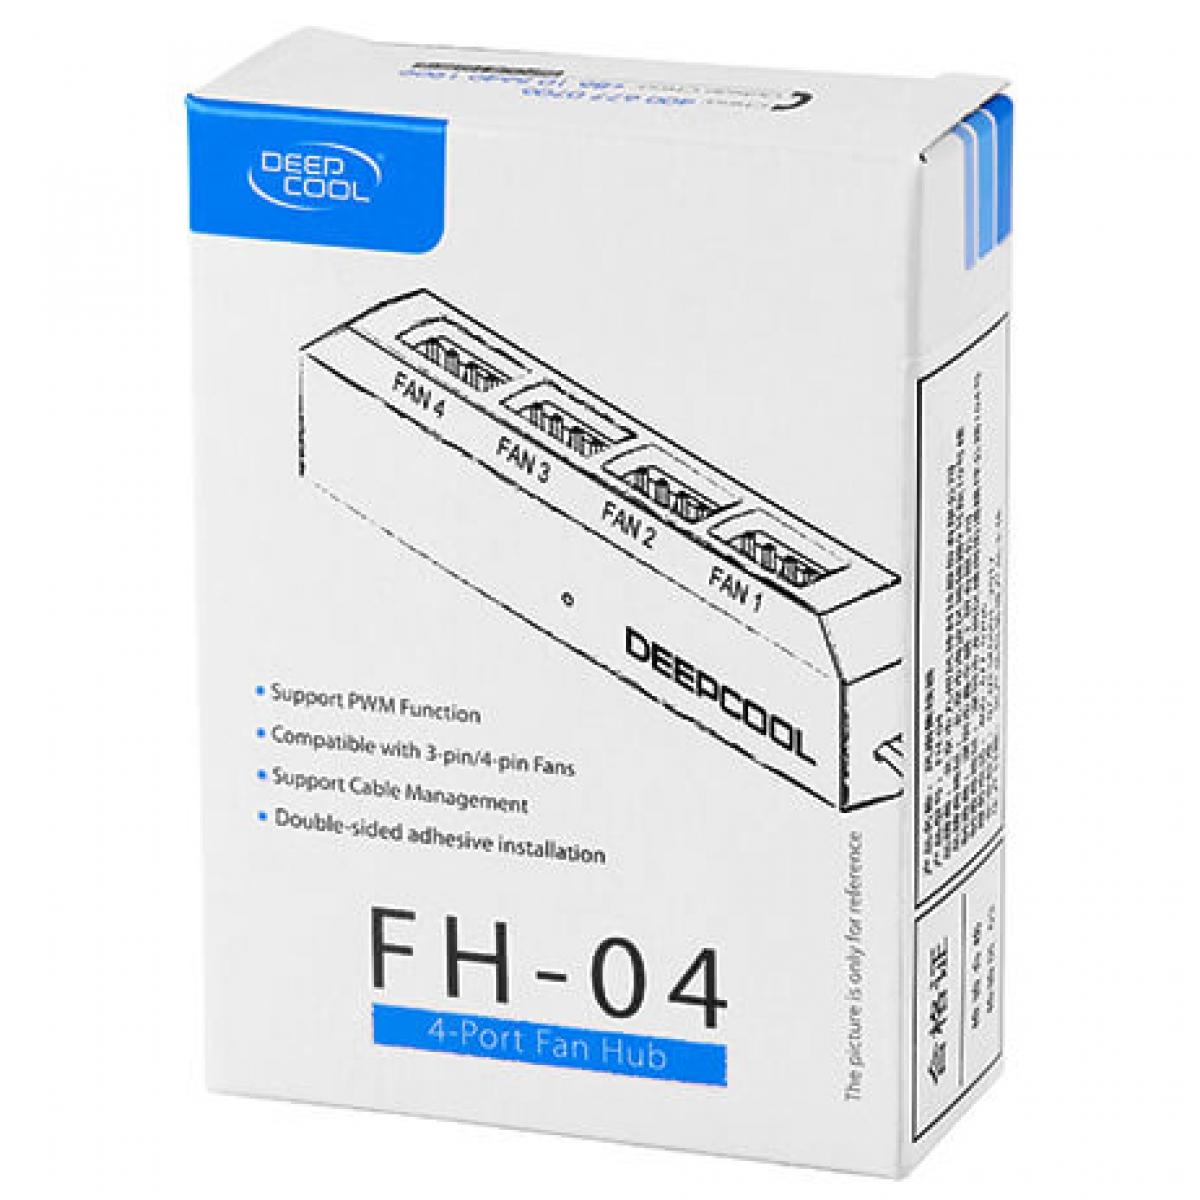 Controlador de Fan Deepcool FH-04, com 4 Saídas de 3 e 4 pinos, Função PWM, DP-F04PWM-HUB